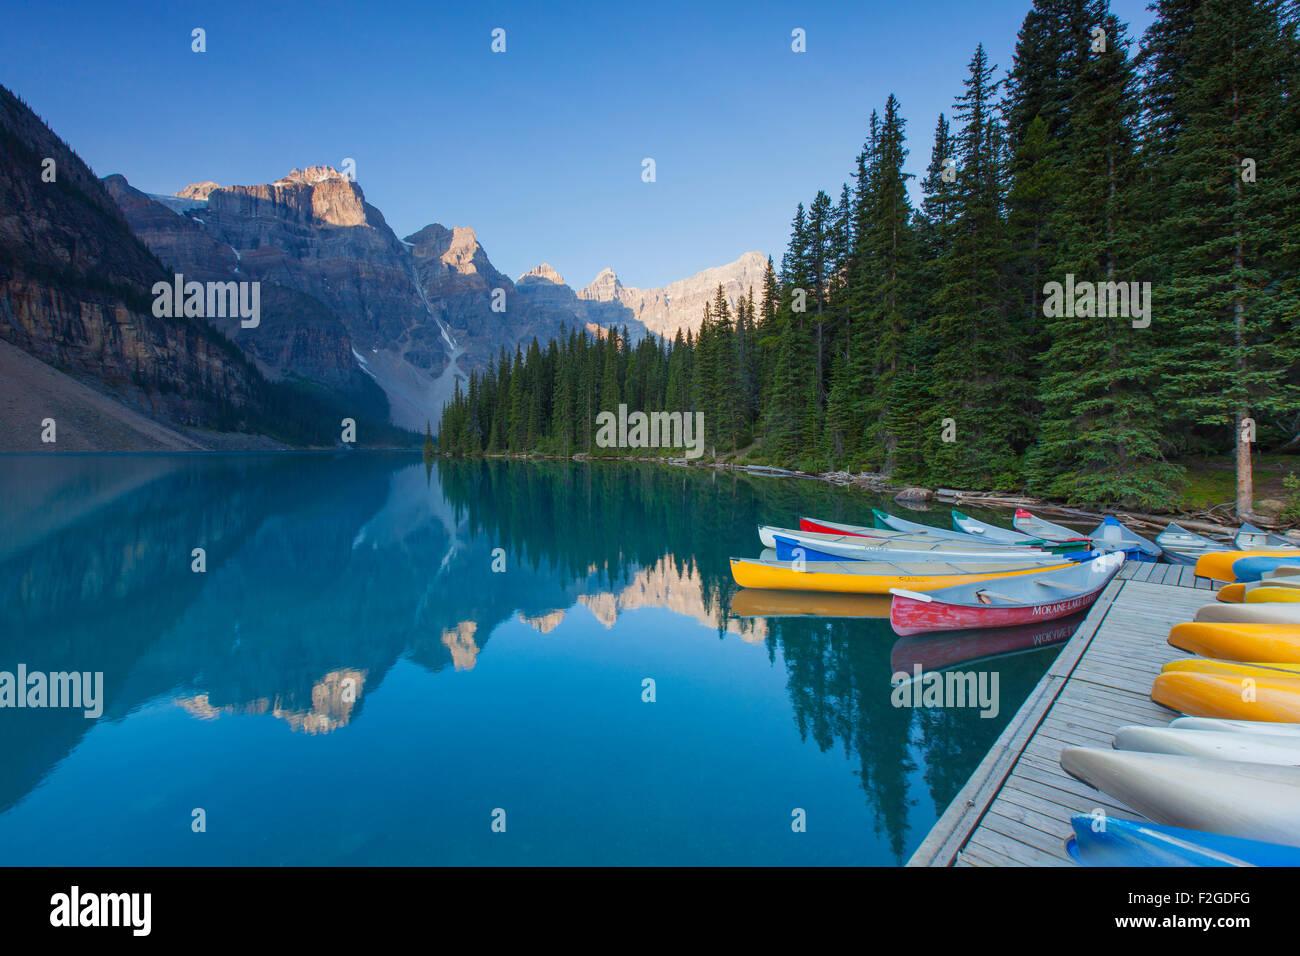 Kanus am Moraine Lake im Valley of the Ten Peaks, Banff Nationalpark, Alberta, Kanada Stockbild